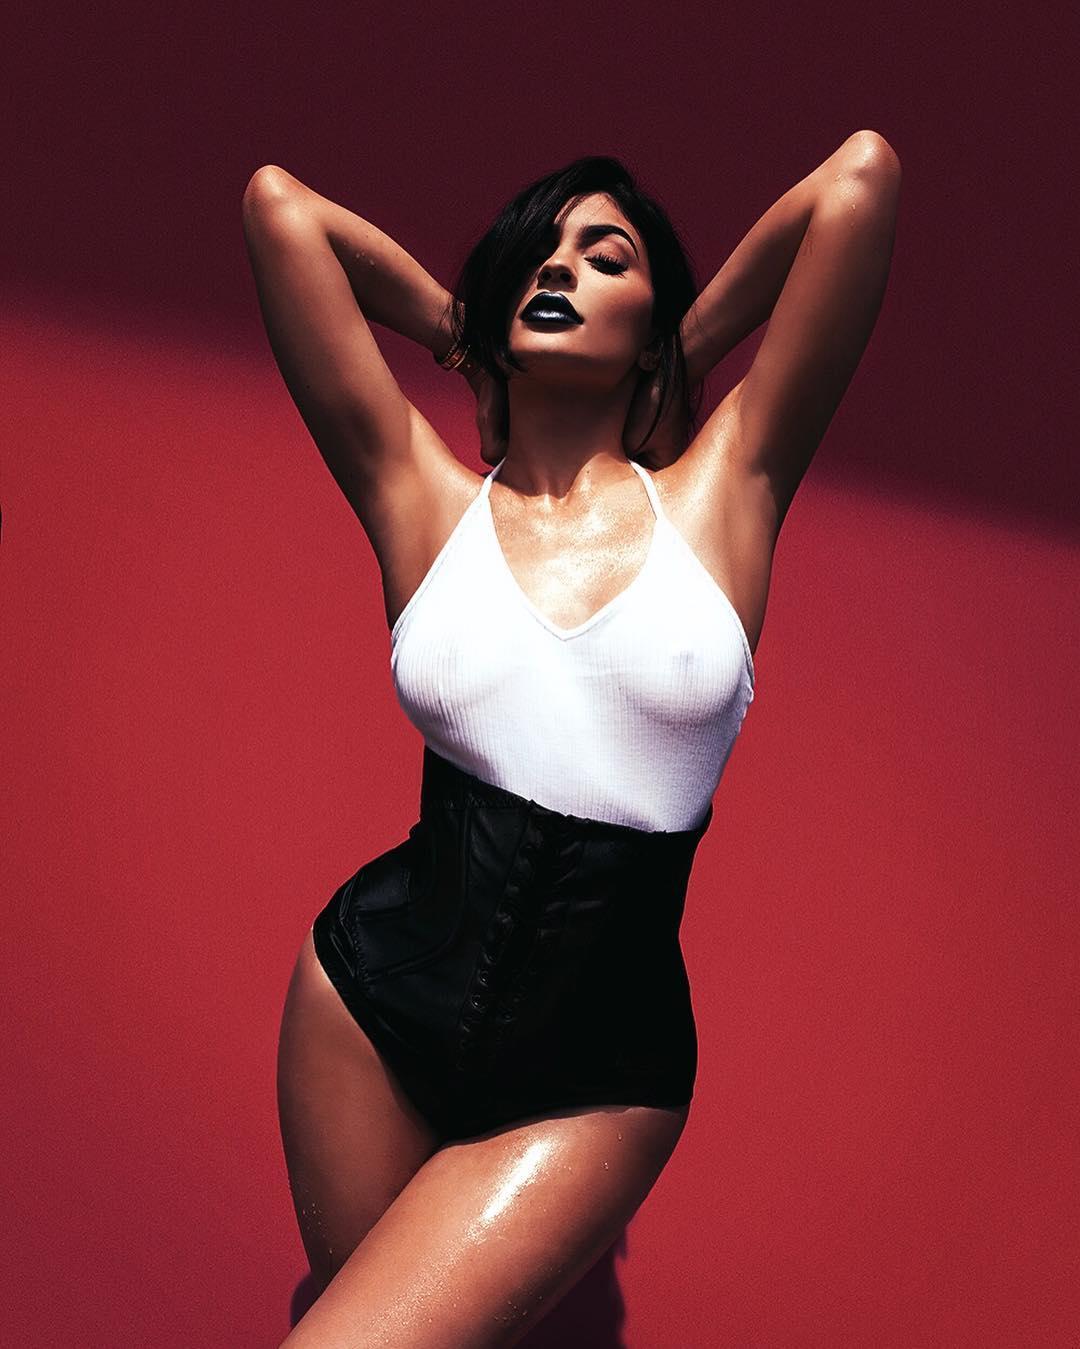 Kylie-Jenner-Sexy-1 (2)